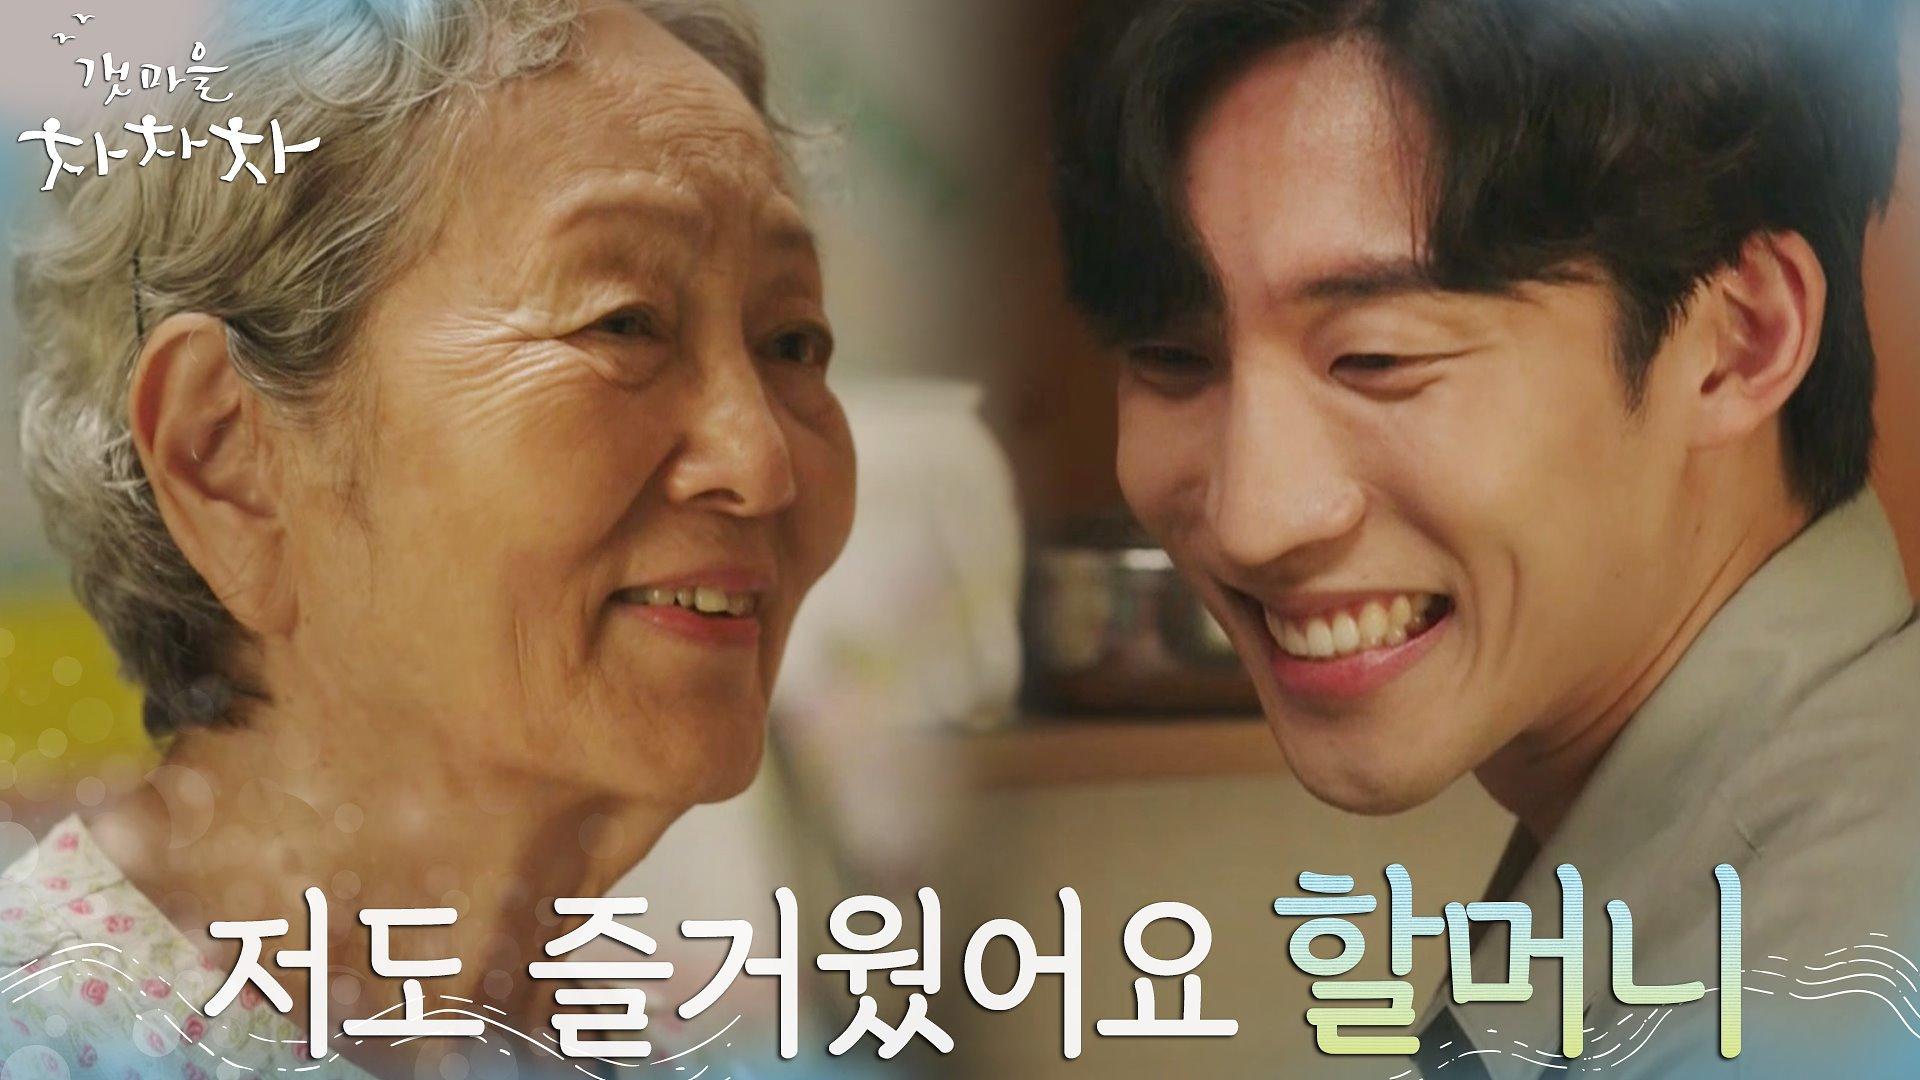 """""""감사합니다, 할머니"""" 김영옥에게 진실된 마음을 전하는 이상이   tvN 210918 방송"""